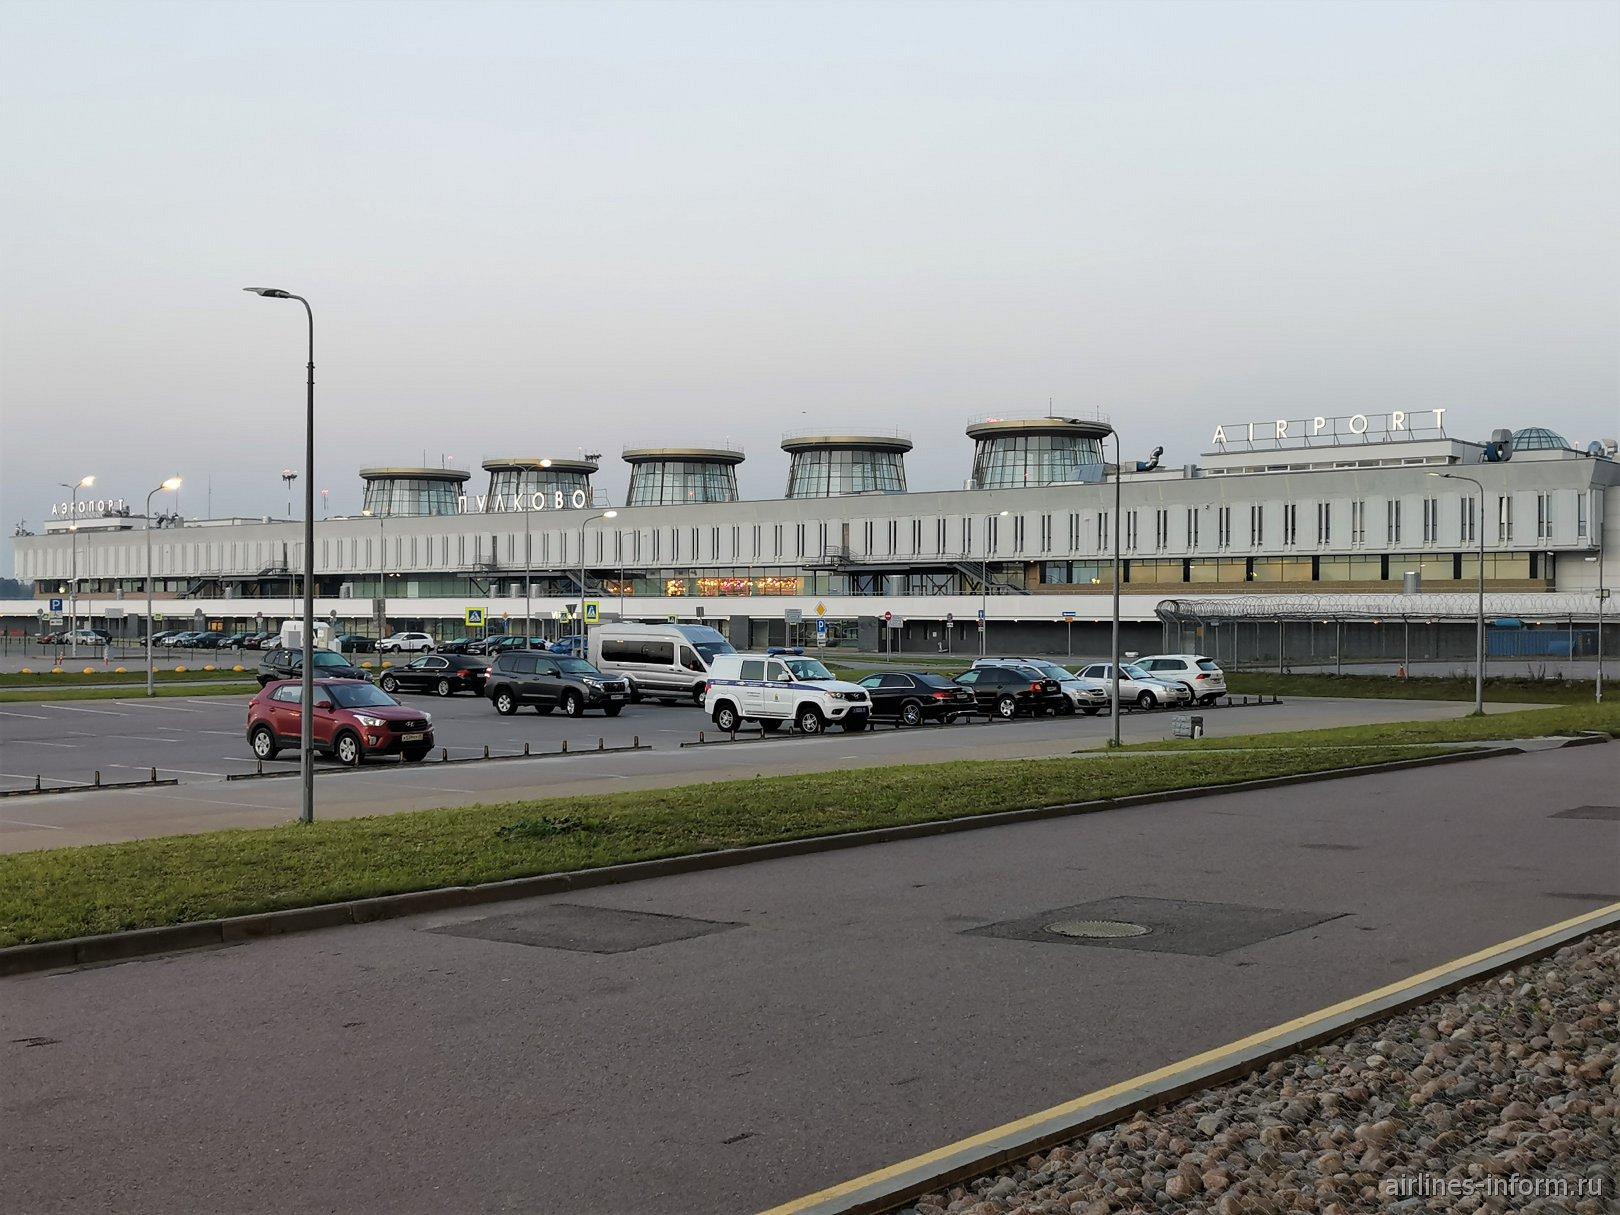 Старый пассажирский терминал аэропорта Пулково в Санкт-Петербурге